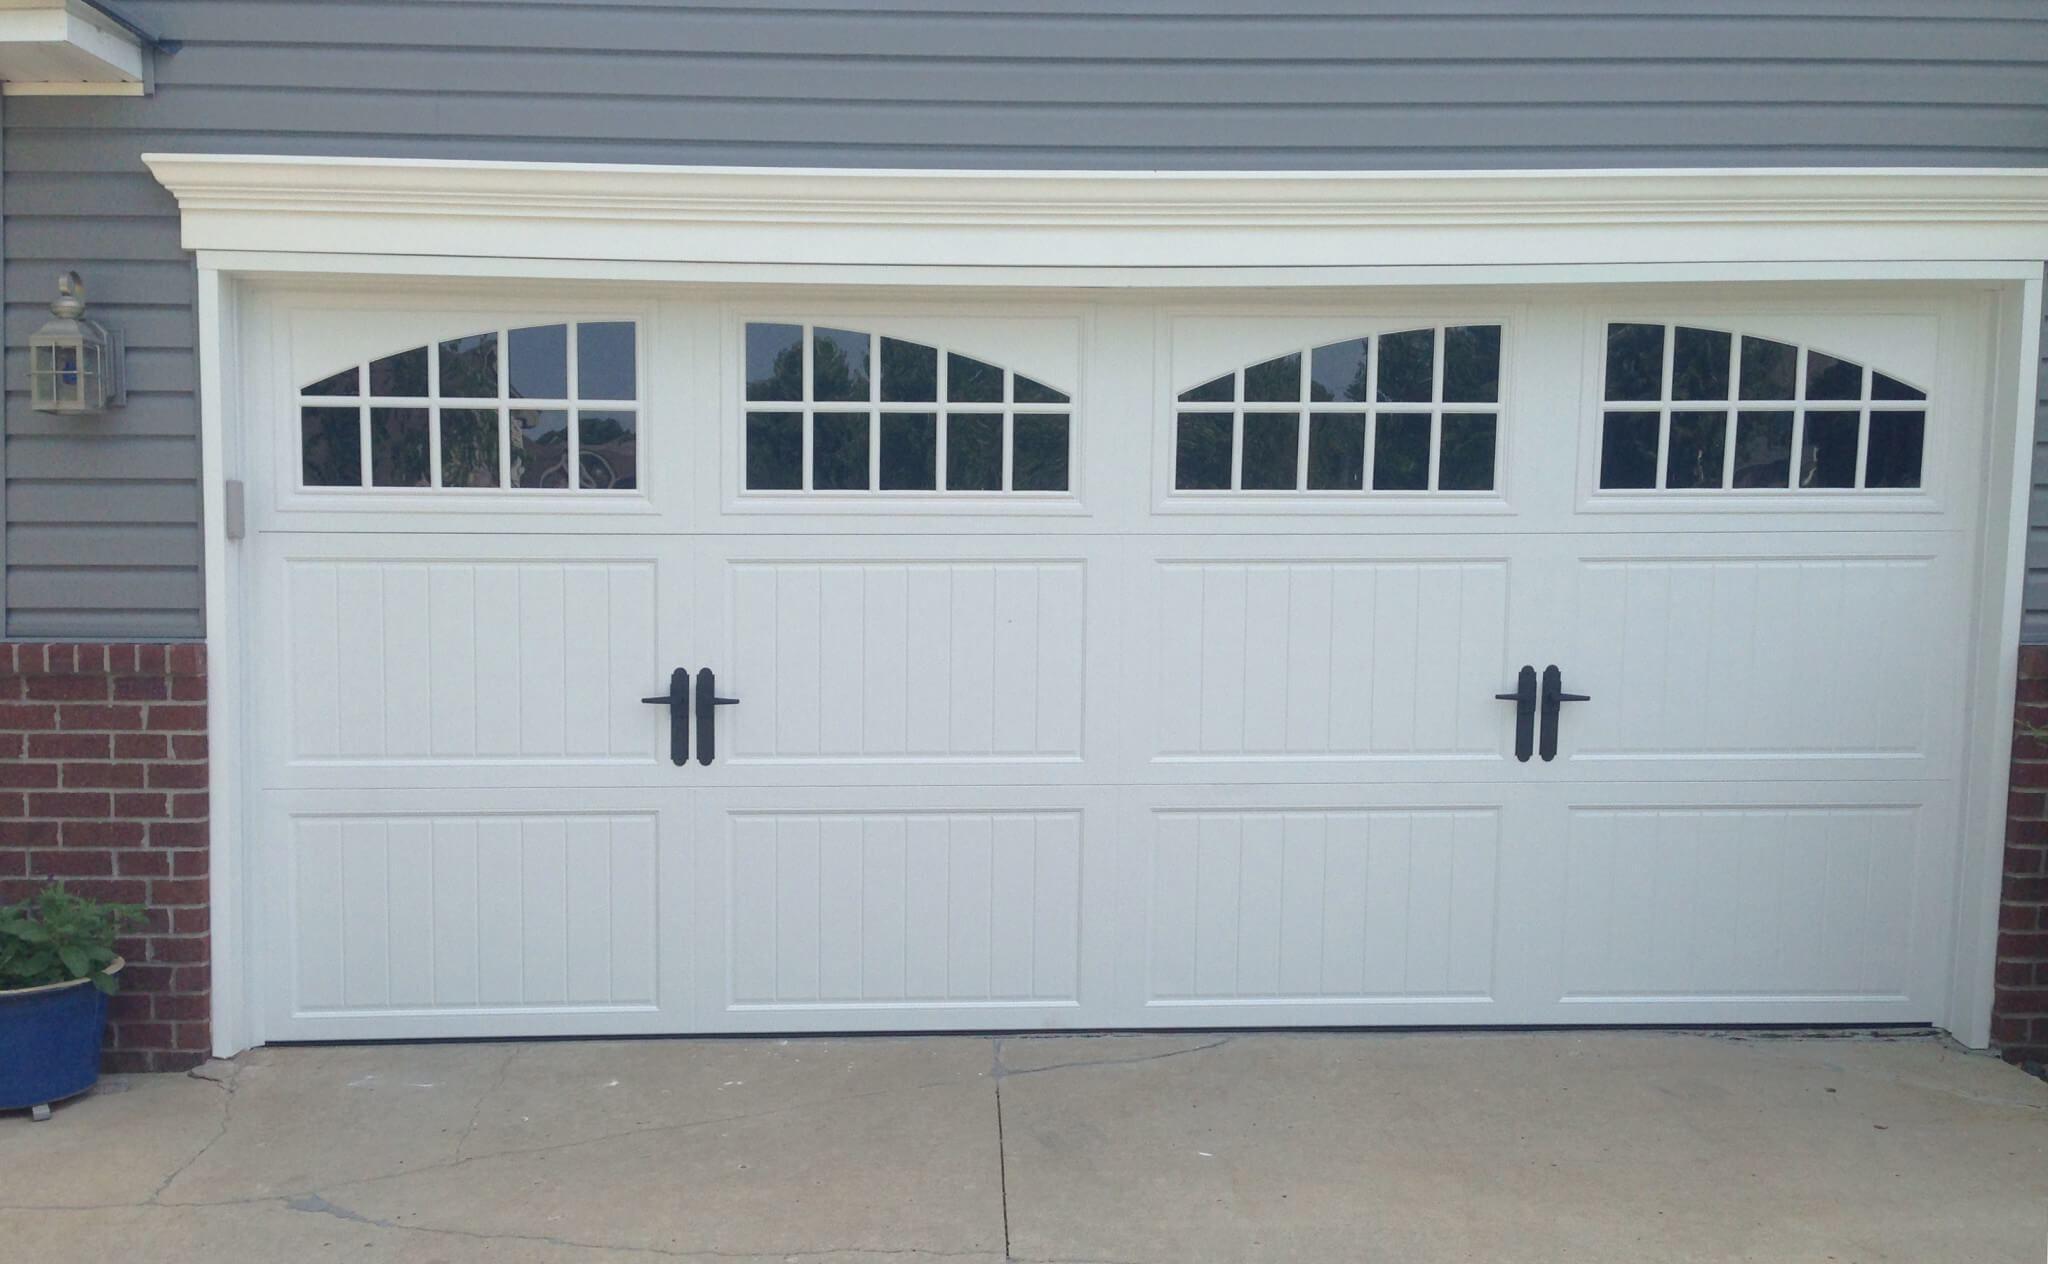 Pin By Gerald Kearns On Garage Storage Ideas Garage Door Company Residential Garage Doors Garage Doors